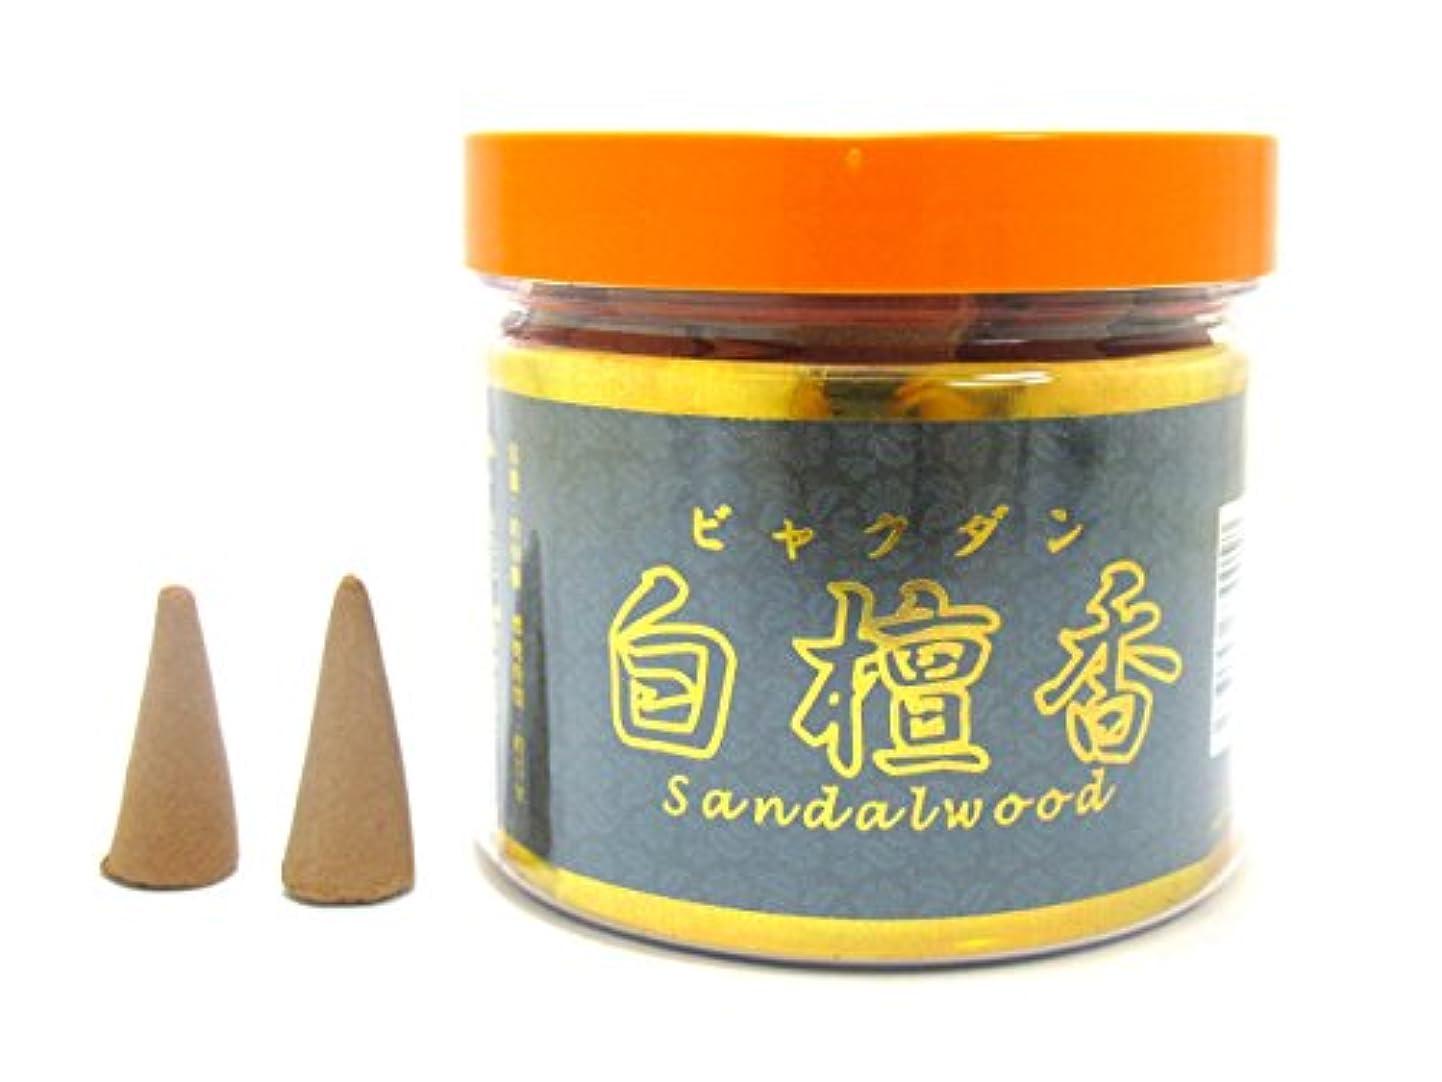 にんじん条件付き縮約お香 白檀香 sandalwood 三角香 コーン 約80個入り KO-006